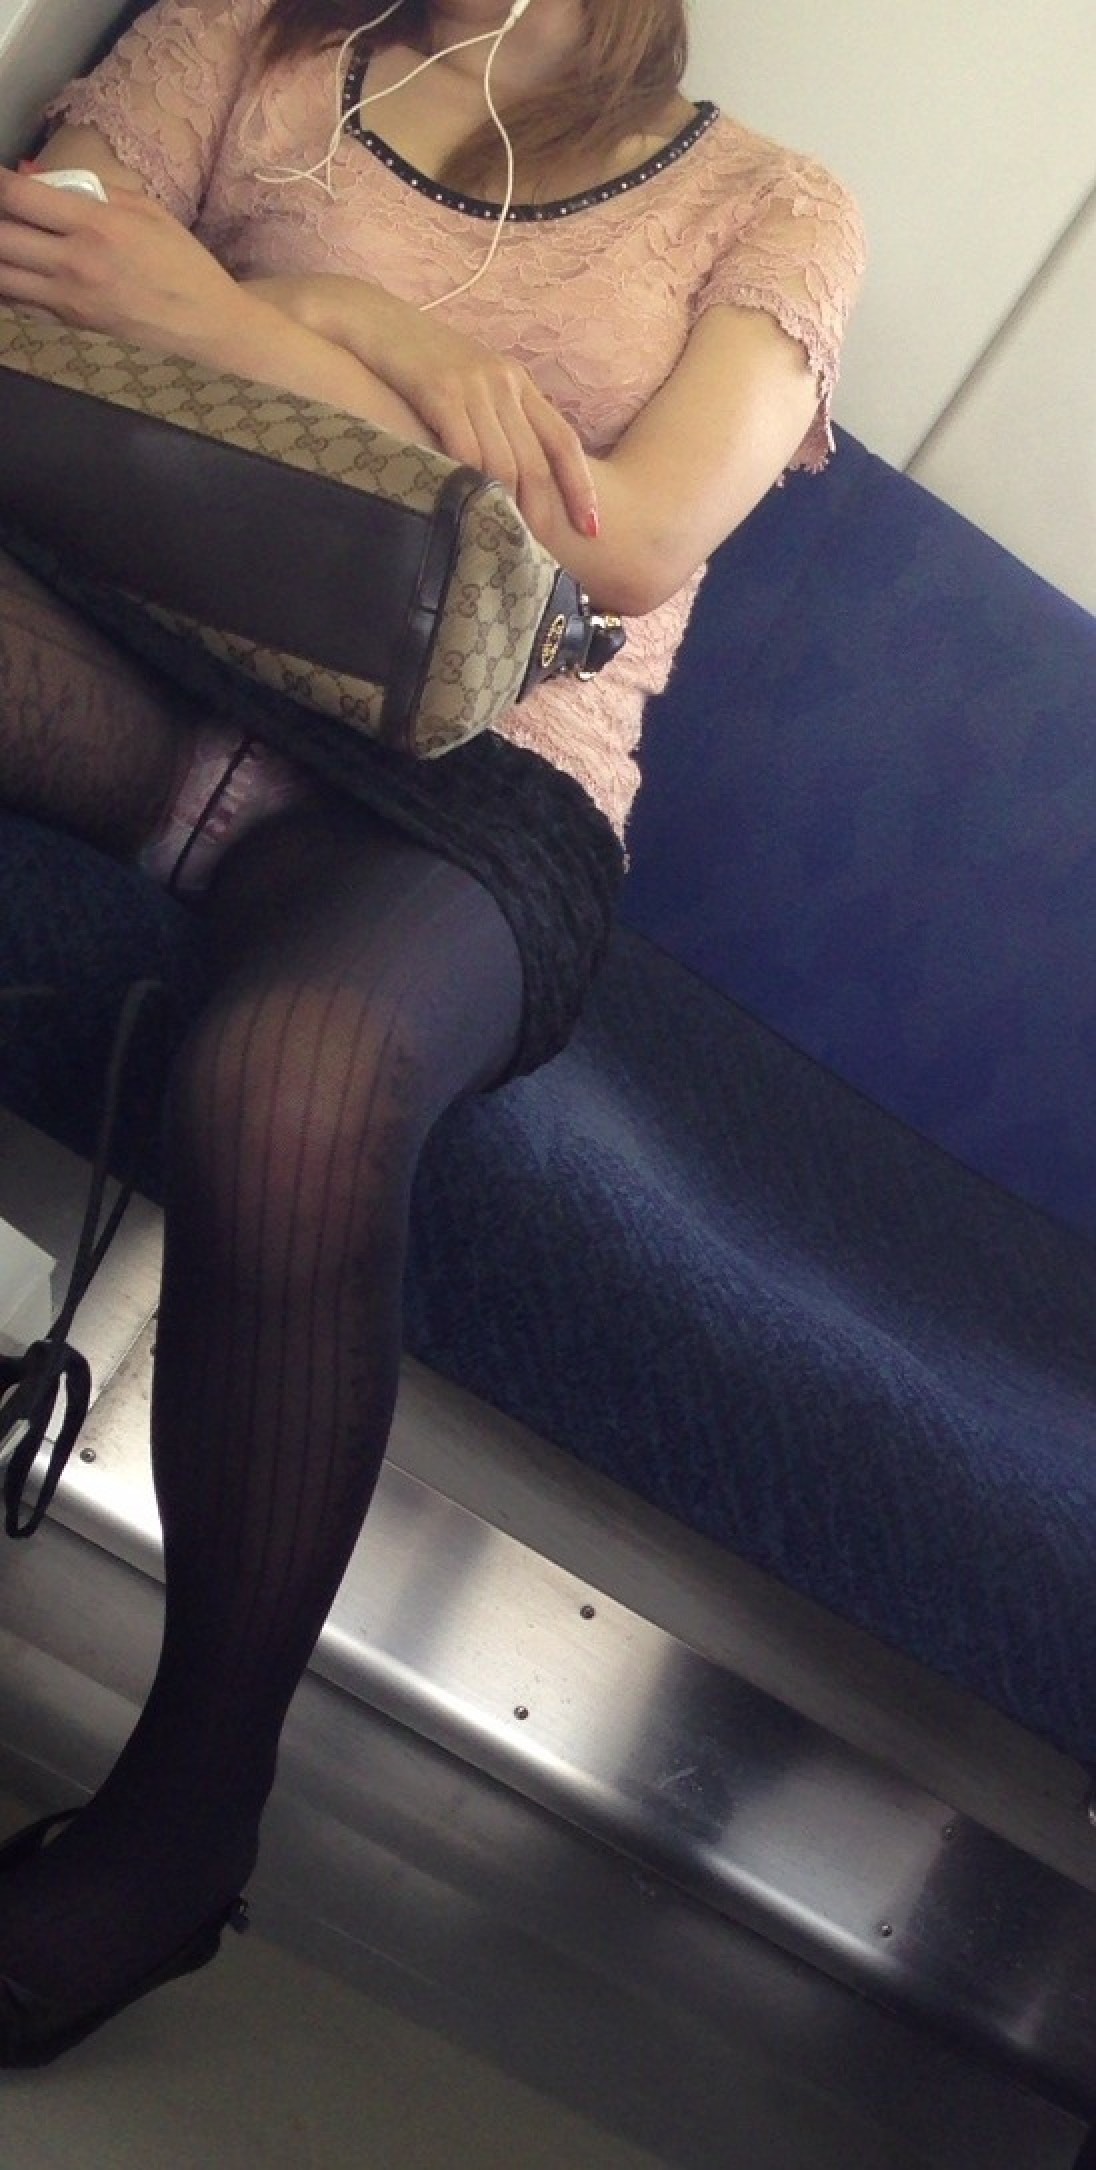 【パンチラエロ画像】終点まで降りるんじゃないw電車内の対面ミニスカを狙う! 14